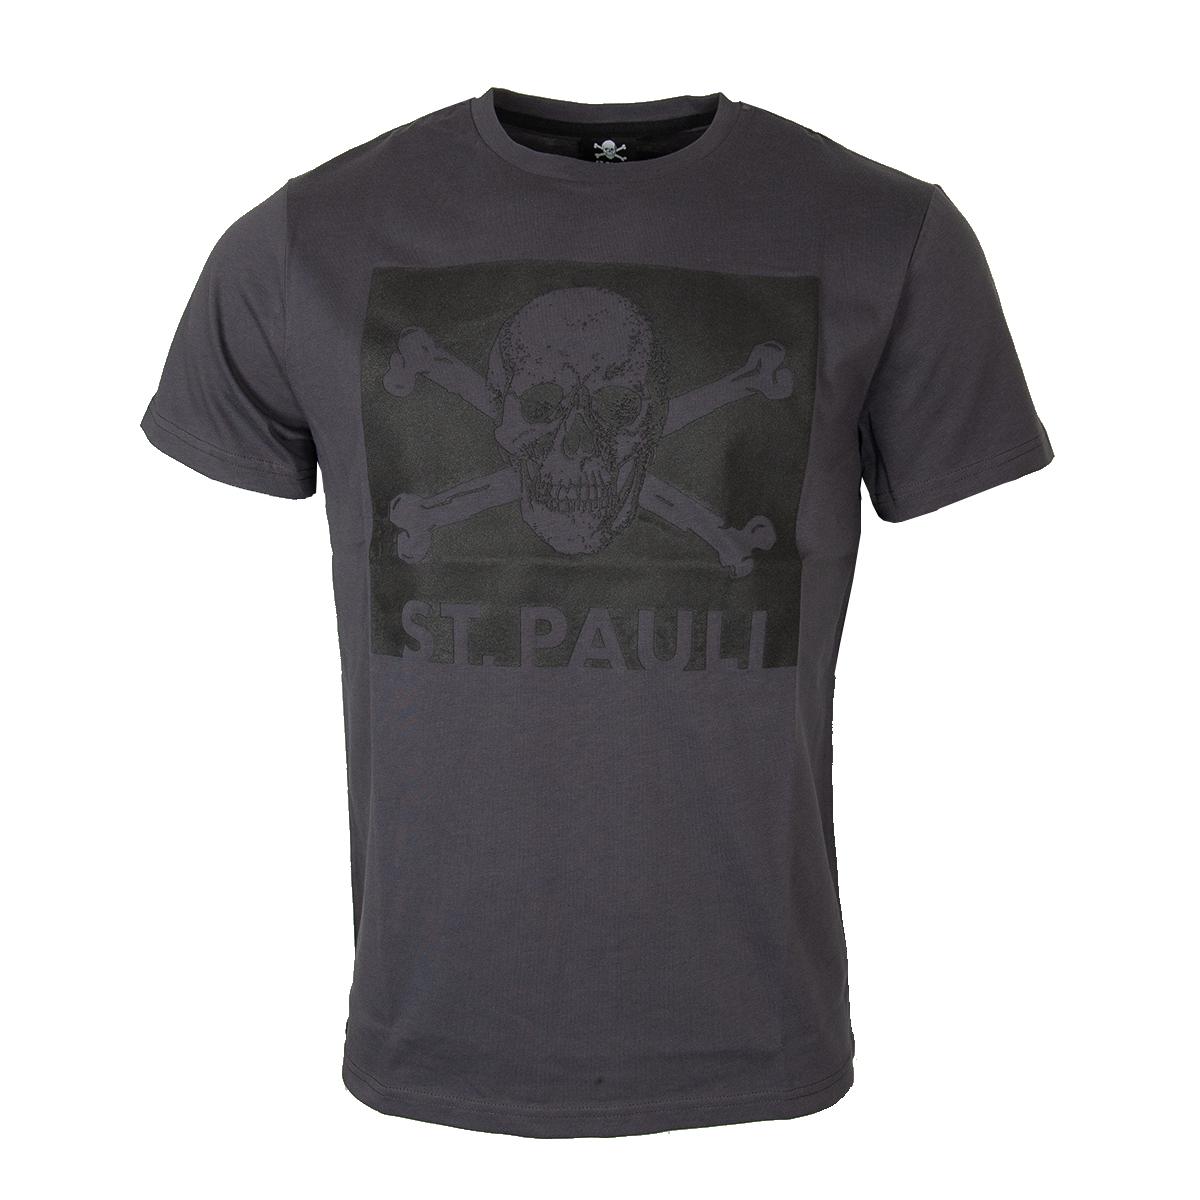 FC St. Pauli - T-Shirt Black Box Totenkopf - grau